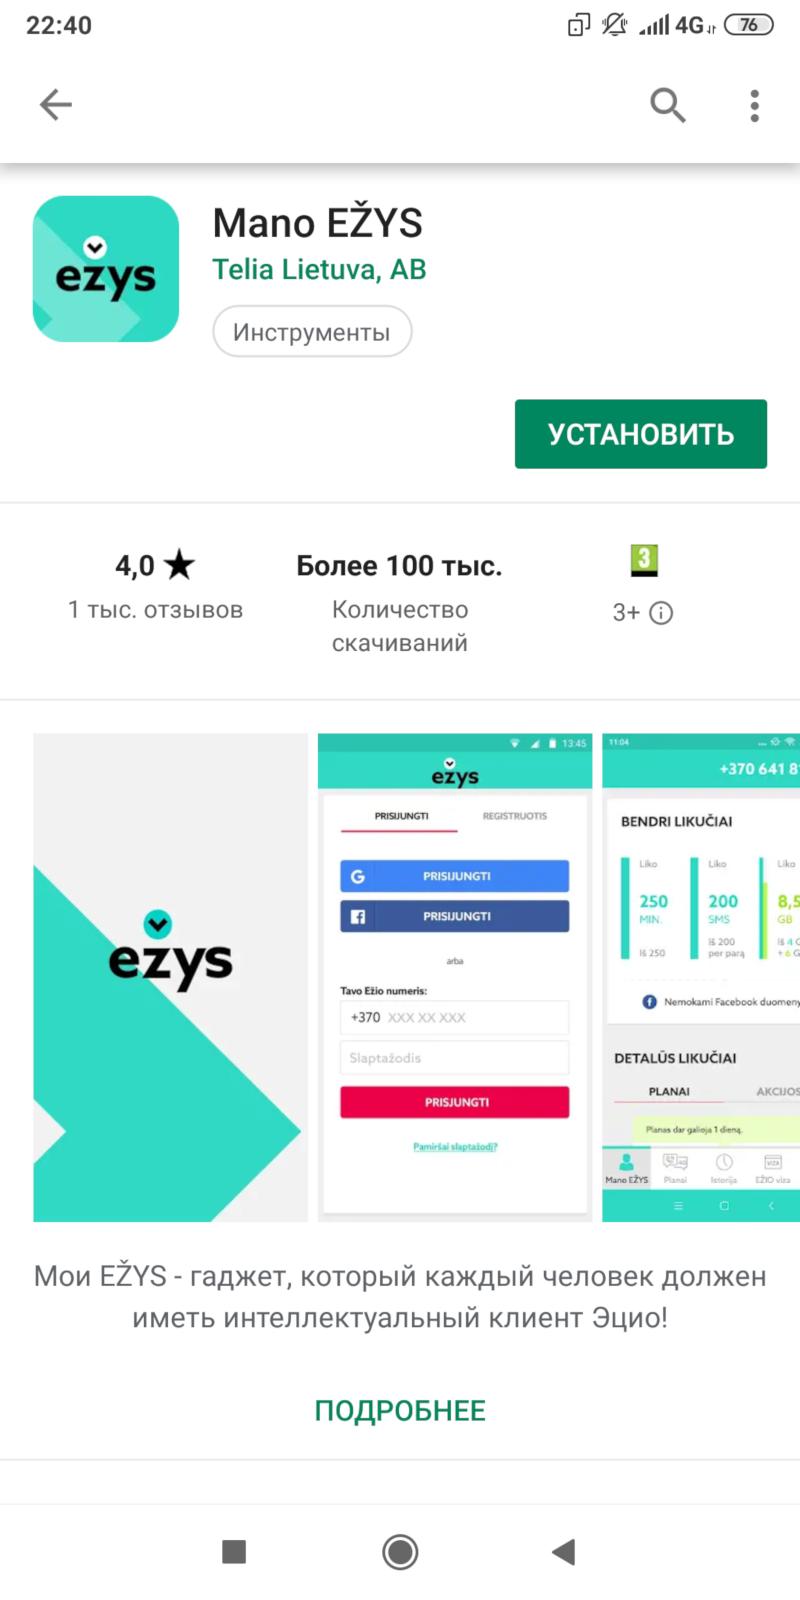 Официальное мобильное приложение Ežys